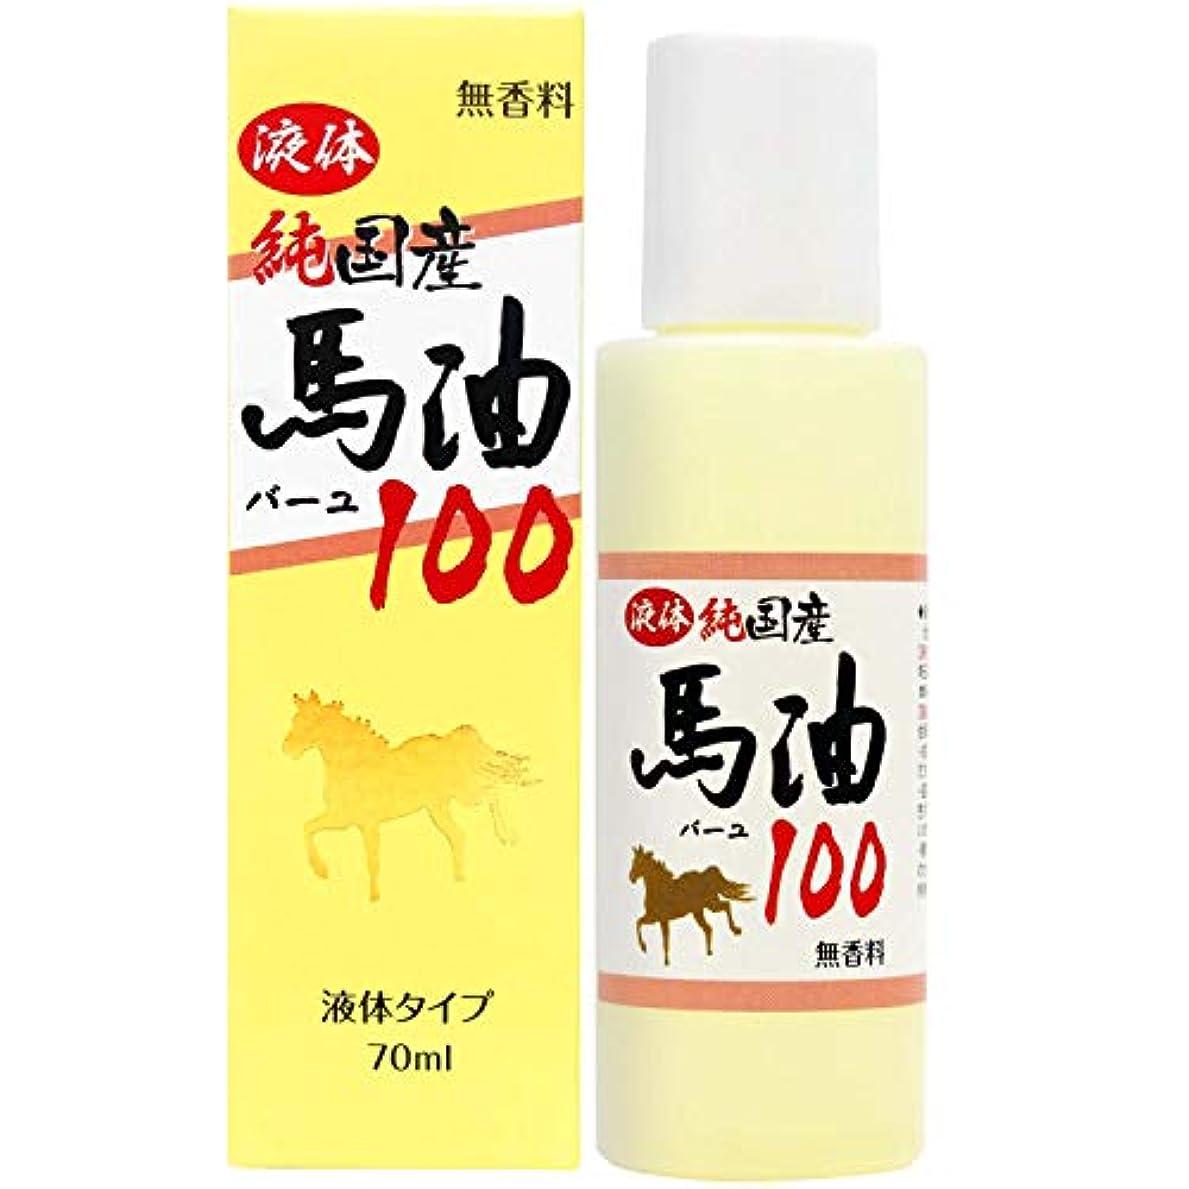 戸口作る発行するユウキ製薬 液体純国産馬油100 70ml